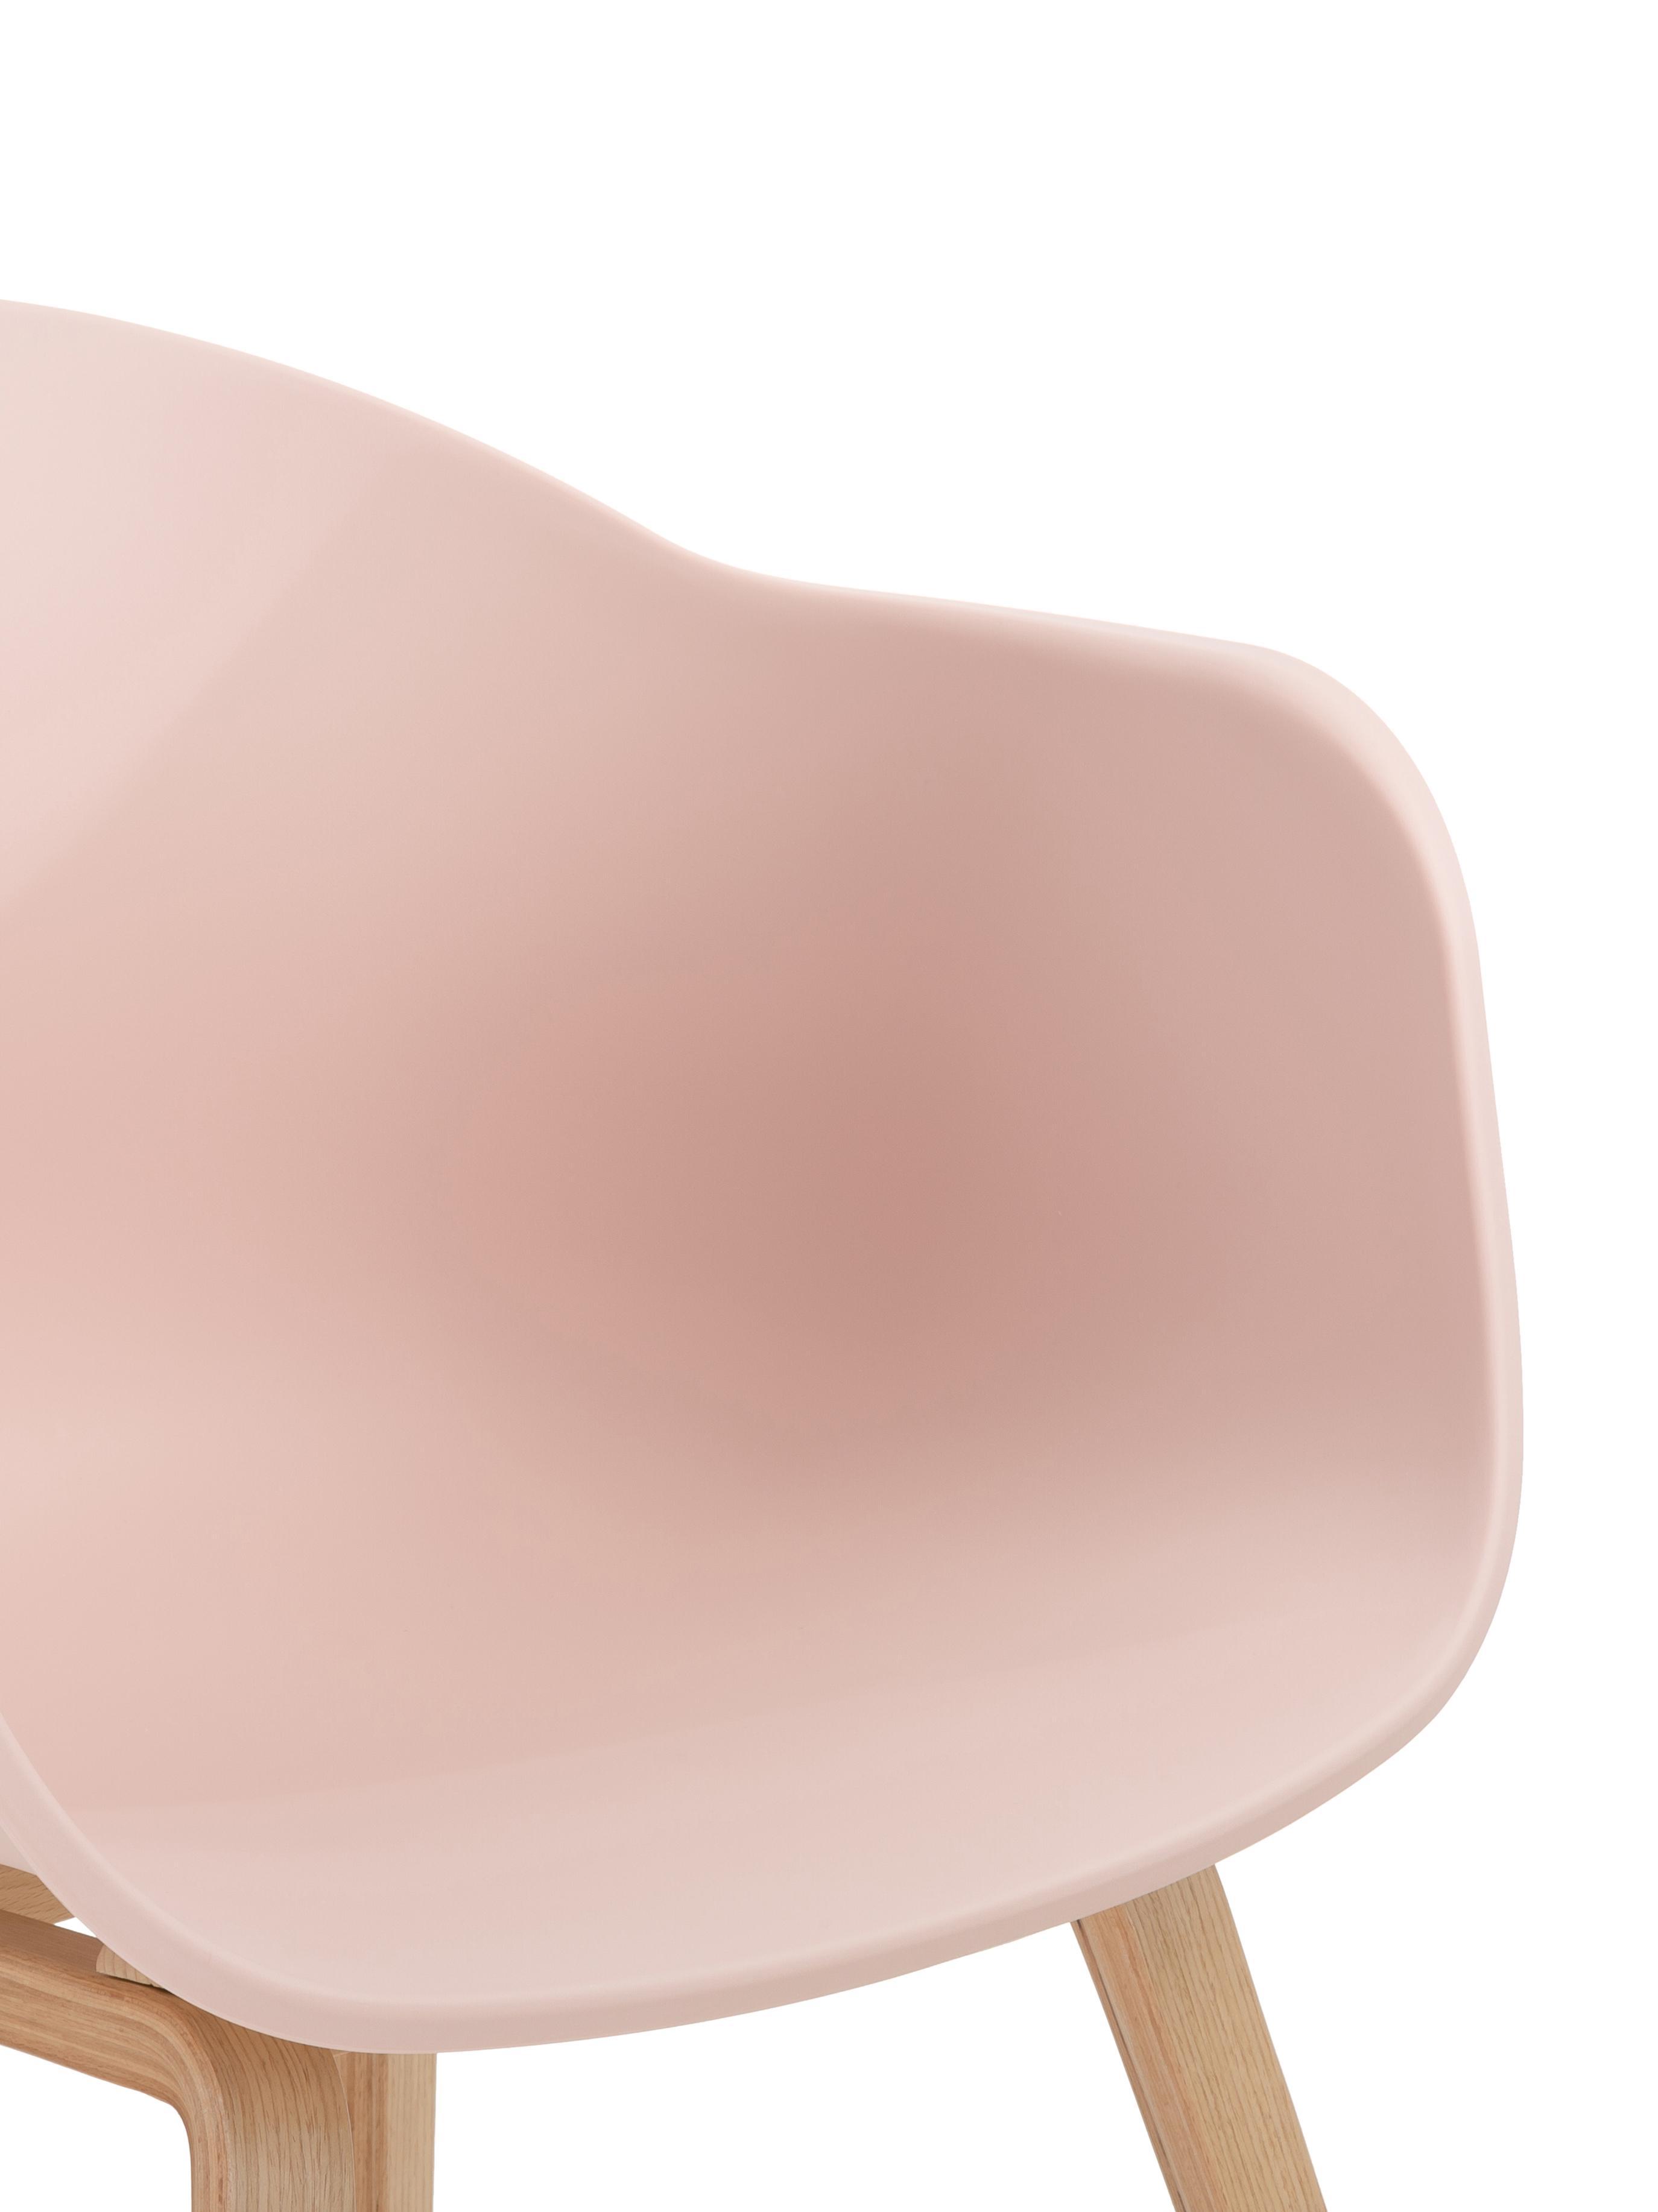 Kunststoff-Armlehnstuhl Claire mit Holzbeinen, Sitzschale: Kunststoff, Beine: Buchenholz, Kunststoff Rosa, B 54 x T 60 cm